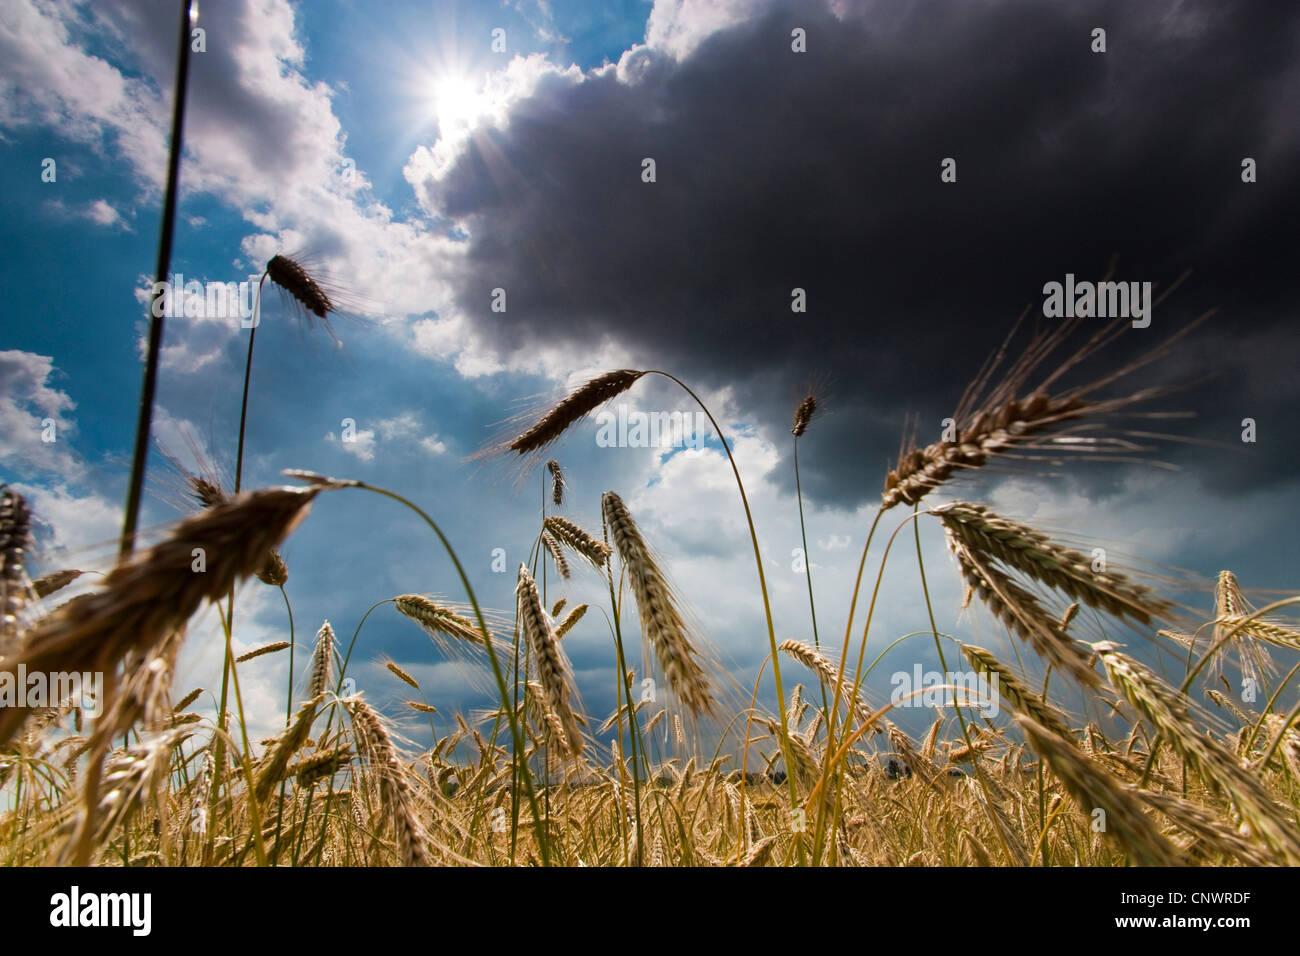 L'orge (Hordeum vulgare), champ de maïs dans le cadre de l'augmentation des nuages orageux, Allemagne, Photo Stock